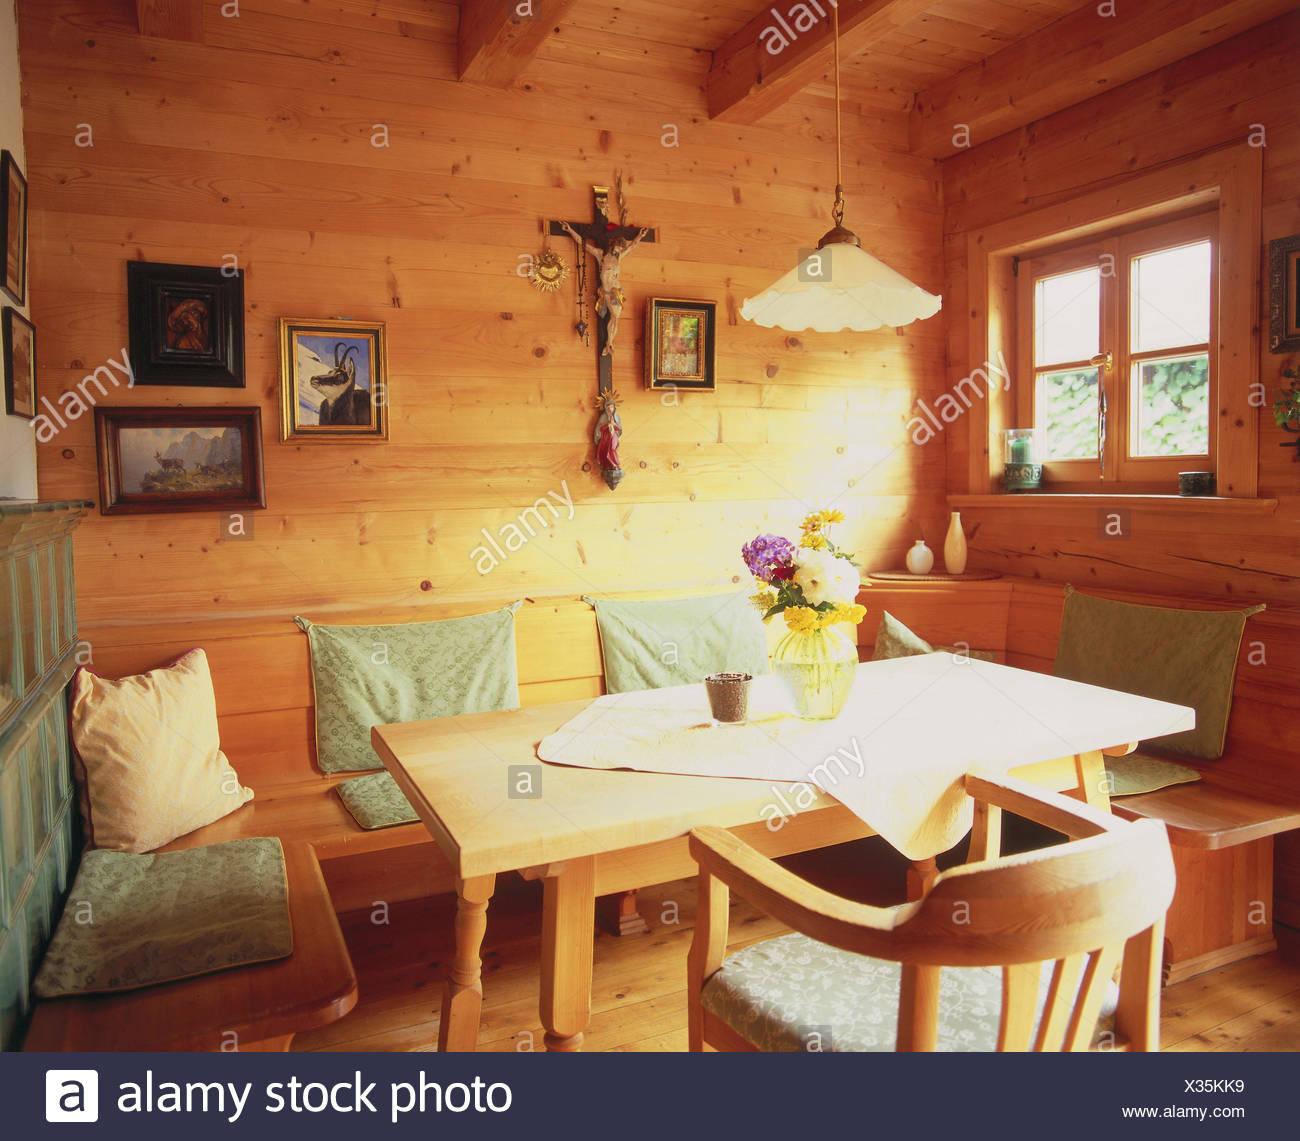 Detail, Zimmer, Bauernstube, Küche, Wohnraum, Wohnraum, Essecke, Eckbank,  Esstisch, Holzstück, St. Möbel, Wand, Wandbelag, Wände Aus Holz, Aus Holz,  ...